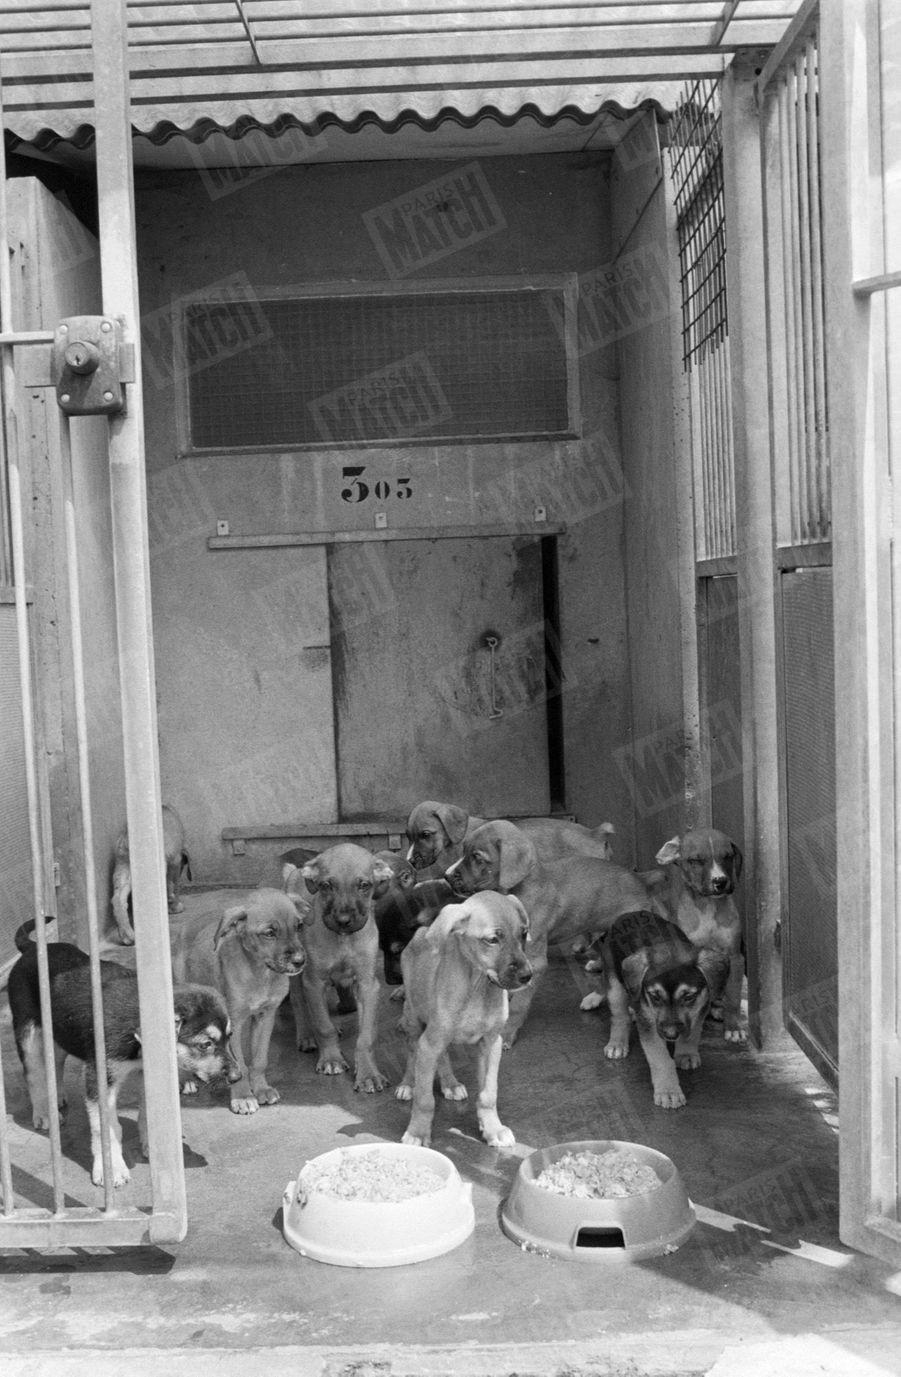 Des chiens en attente d'adoption.